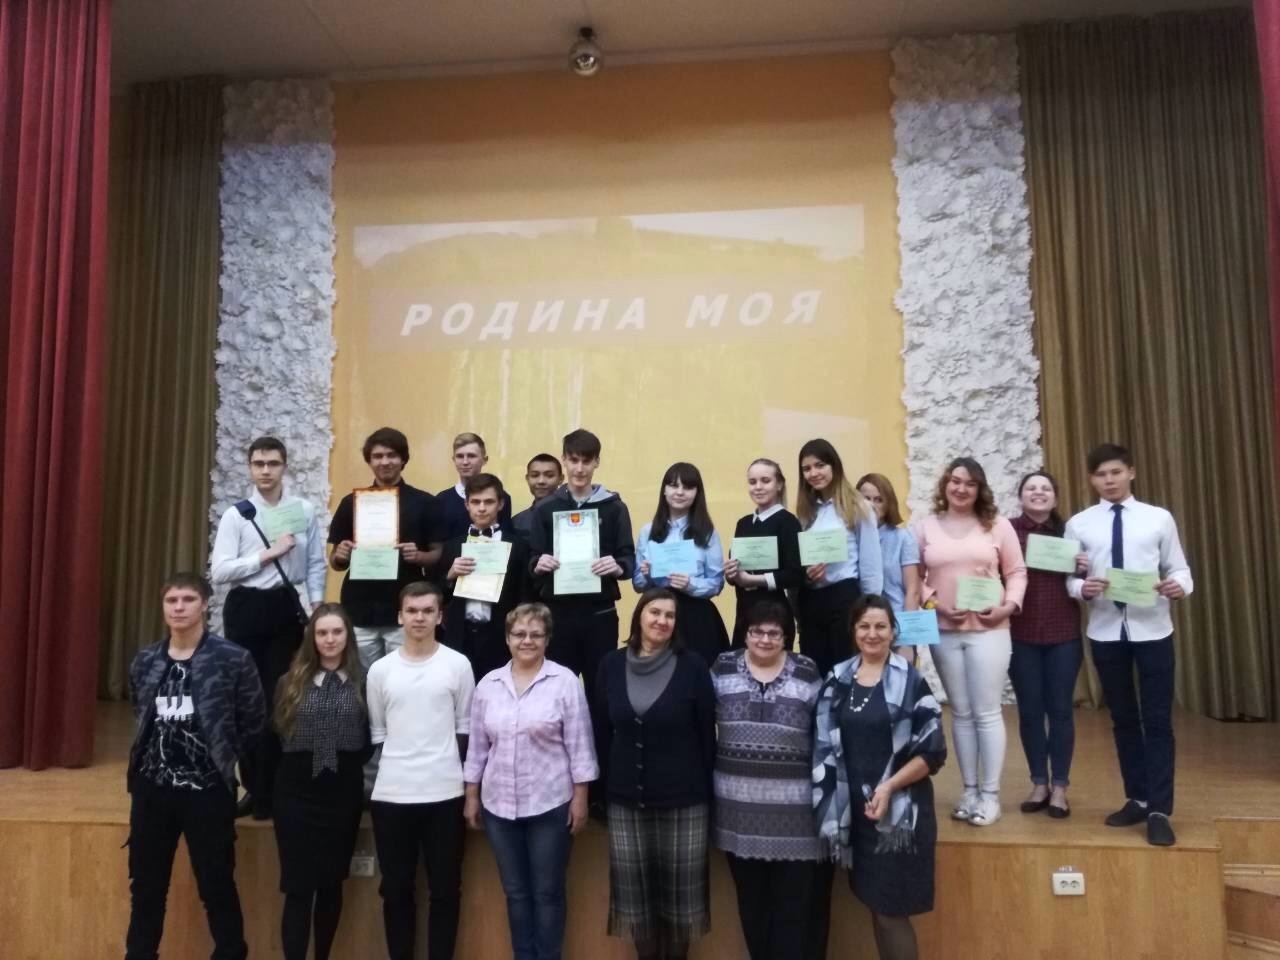 http://politehnikum-eng.ru/2018/11_22/45.jpg